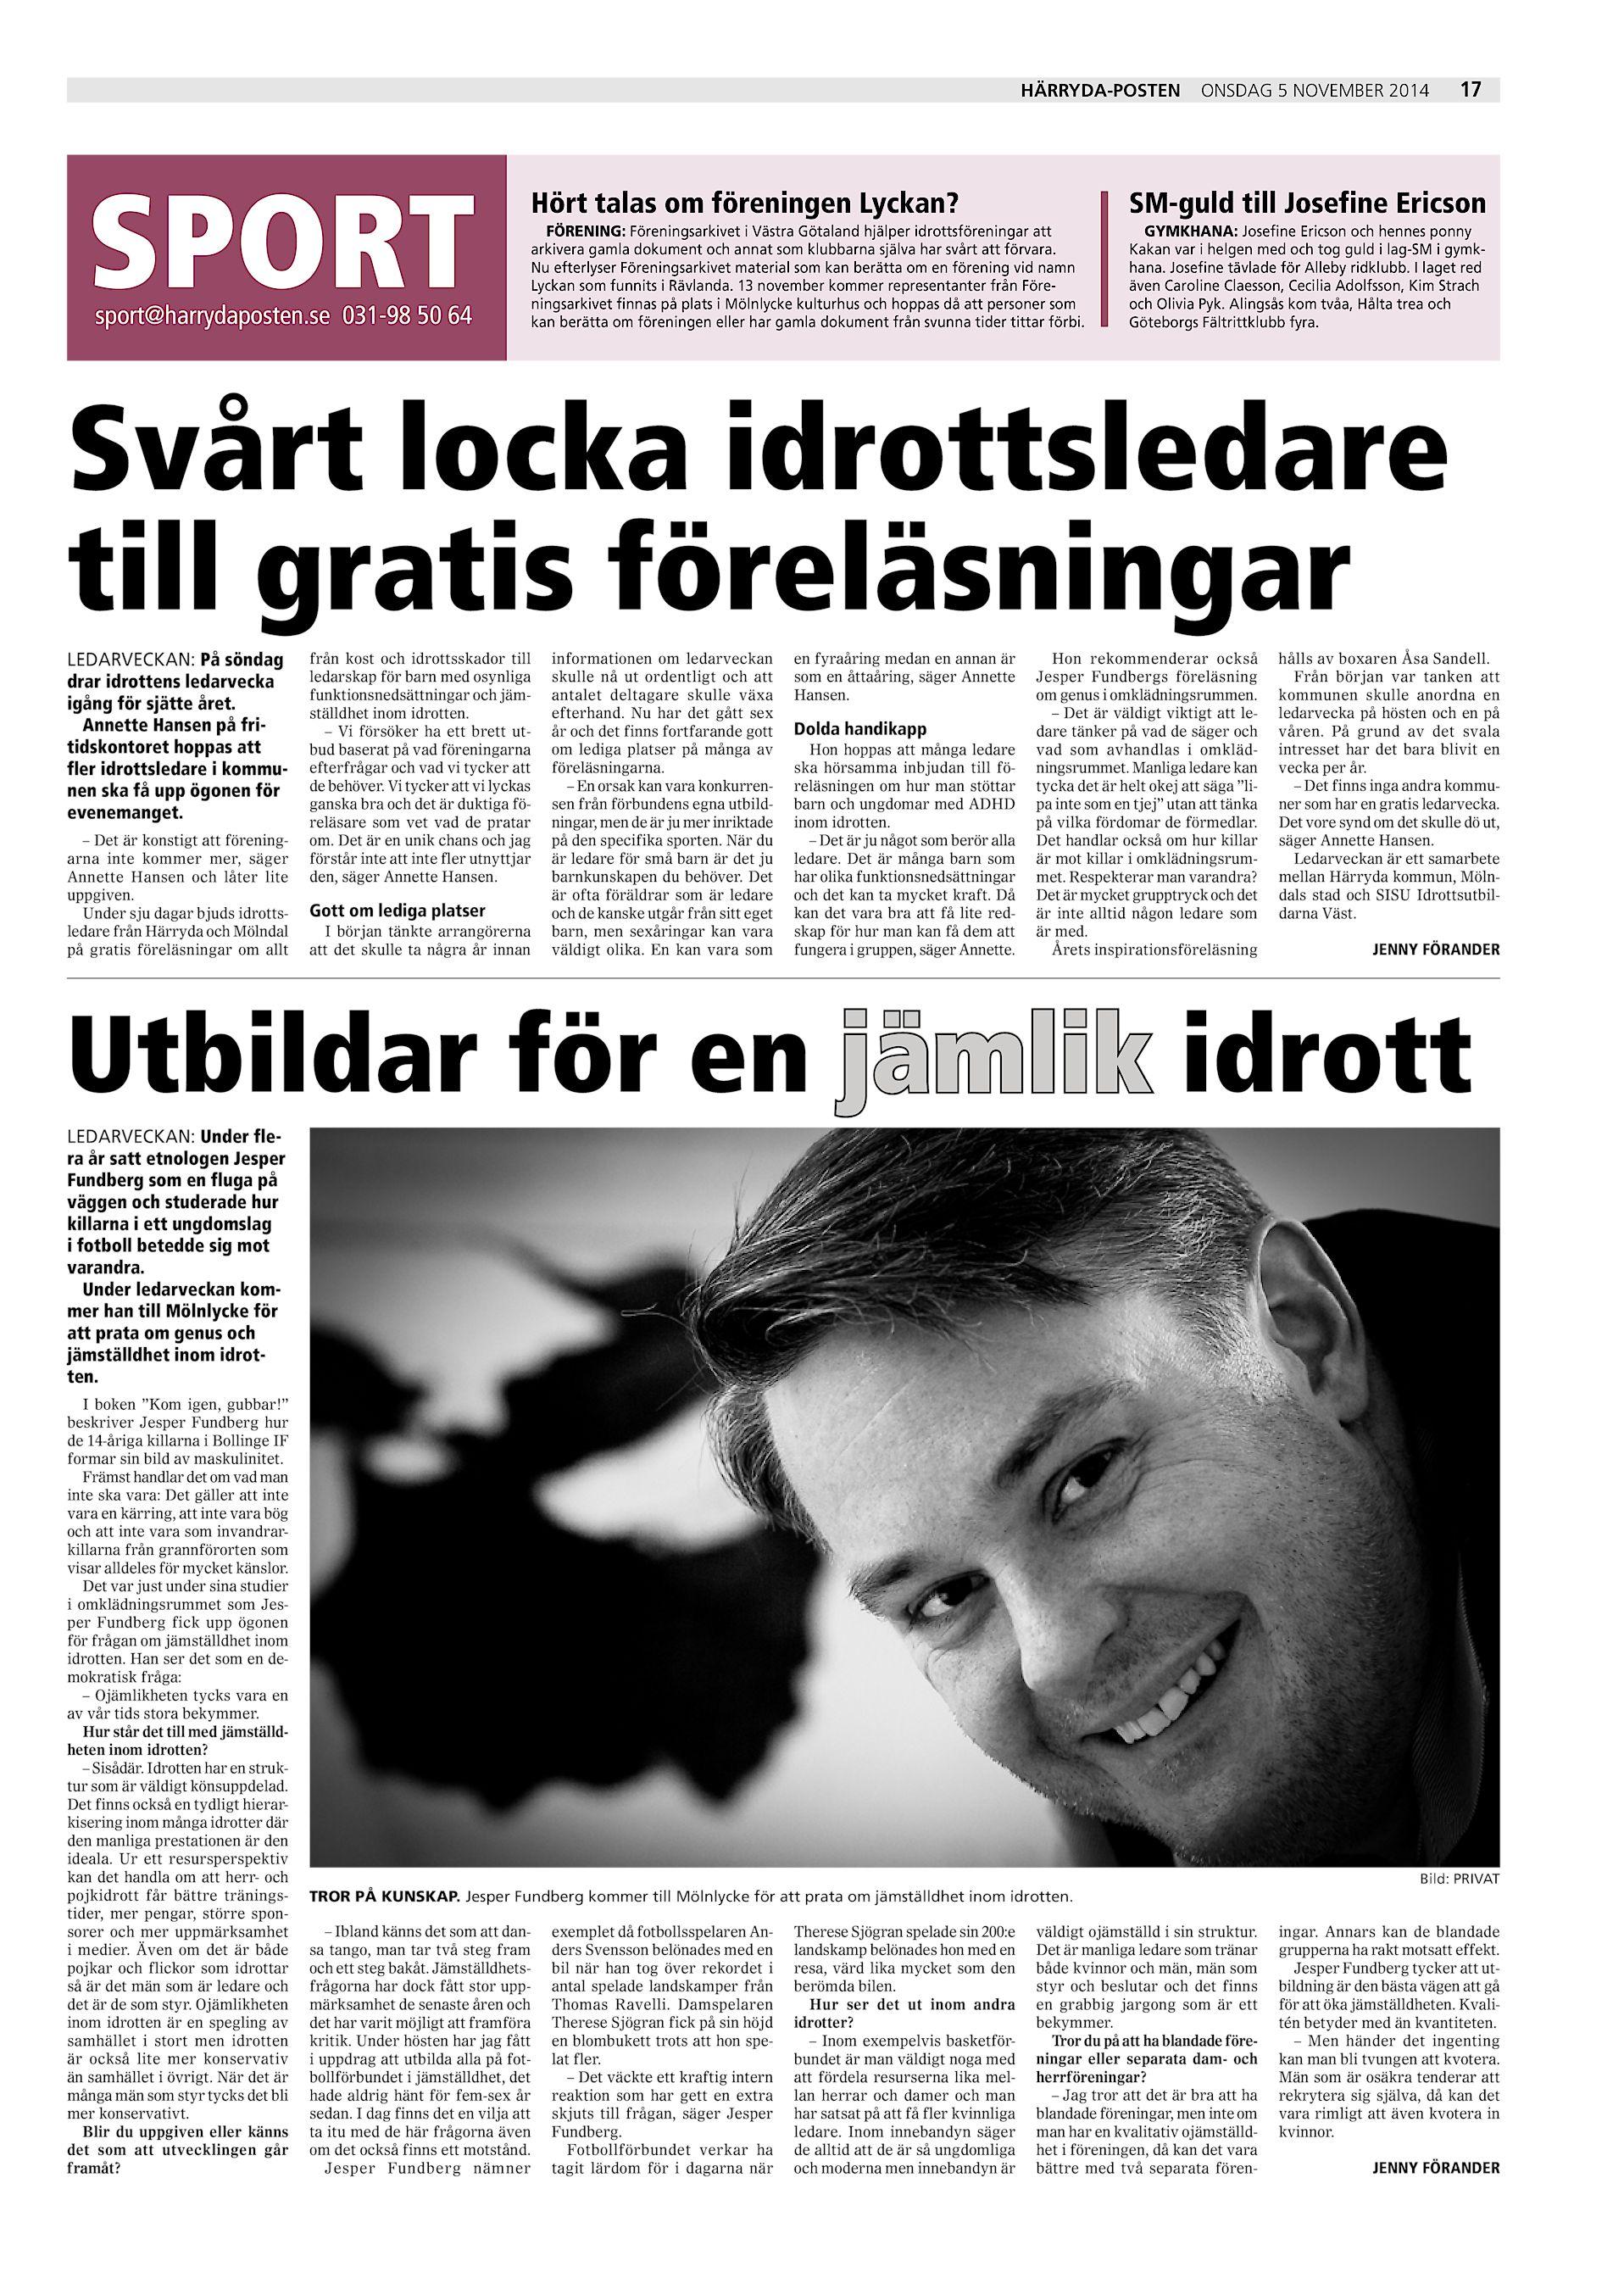 Linda Qleopatra delstad, Lkebergsvgen 11, Hlta | satisfaction-survey.net